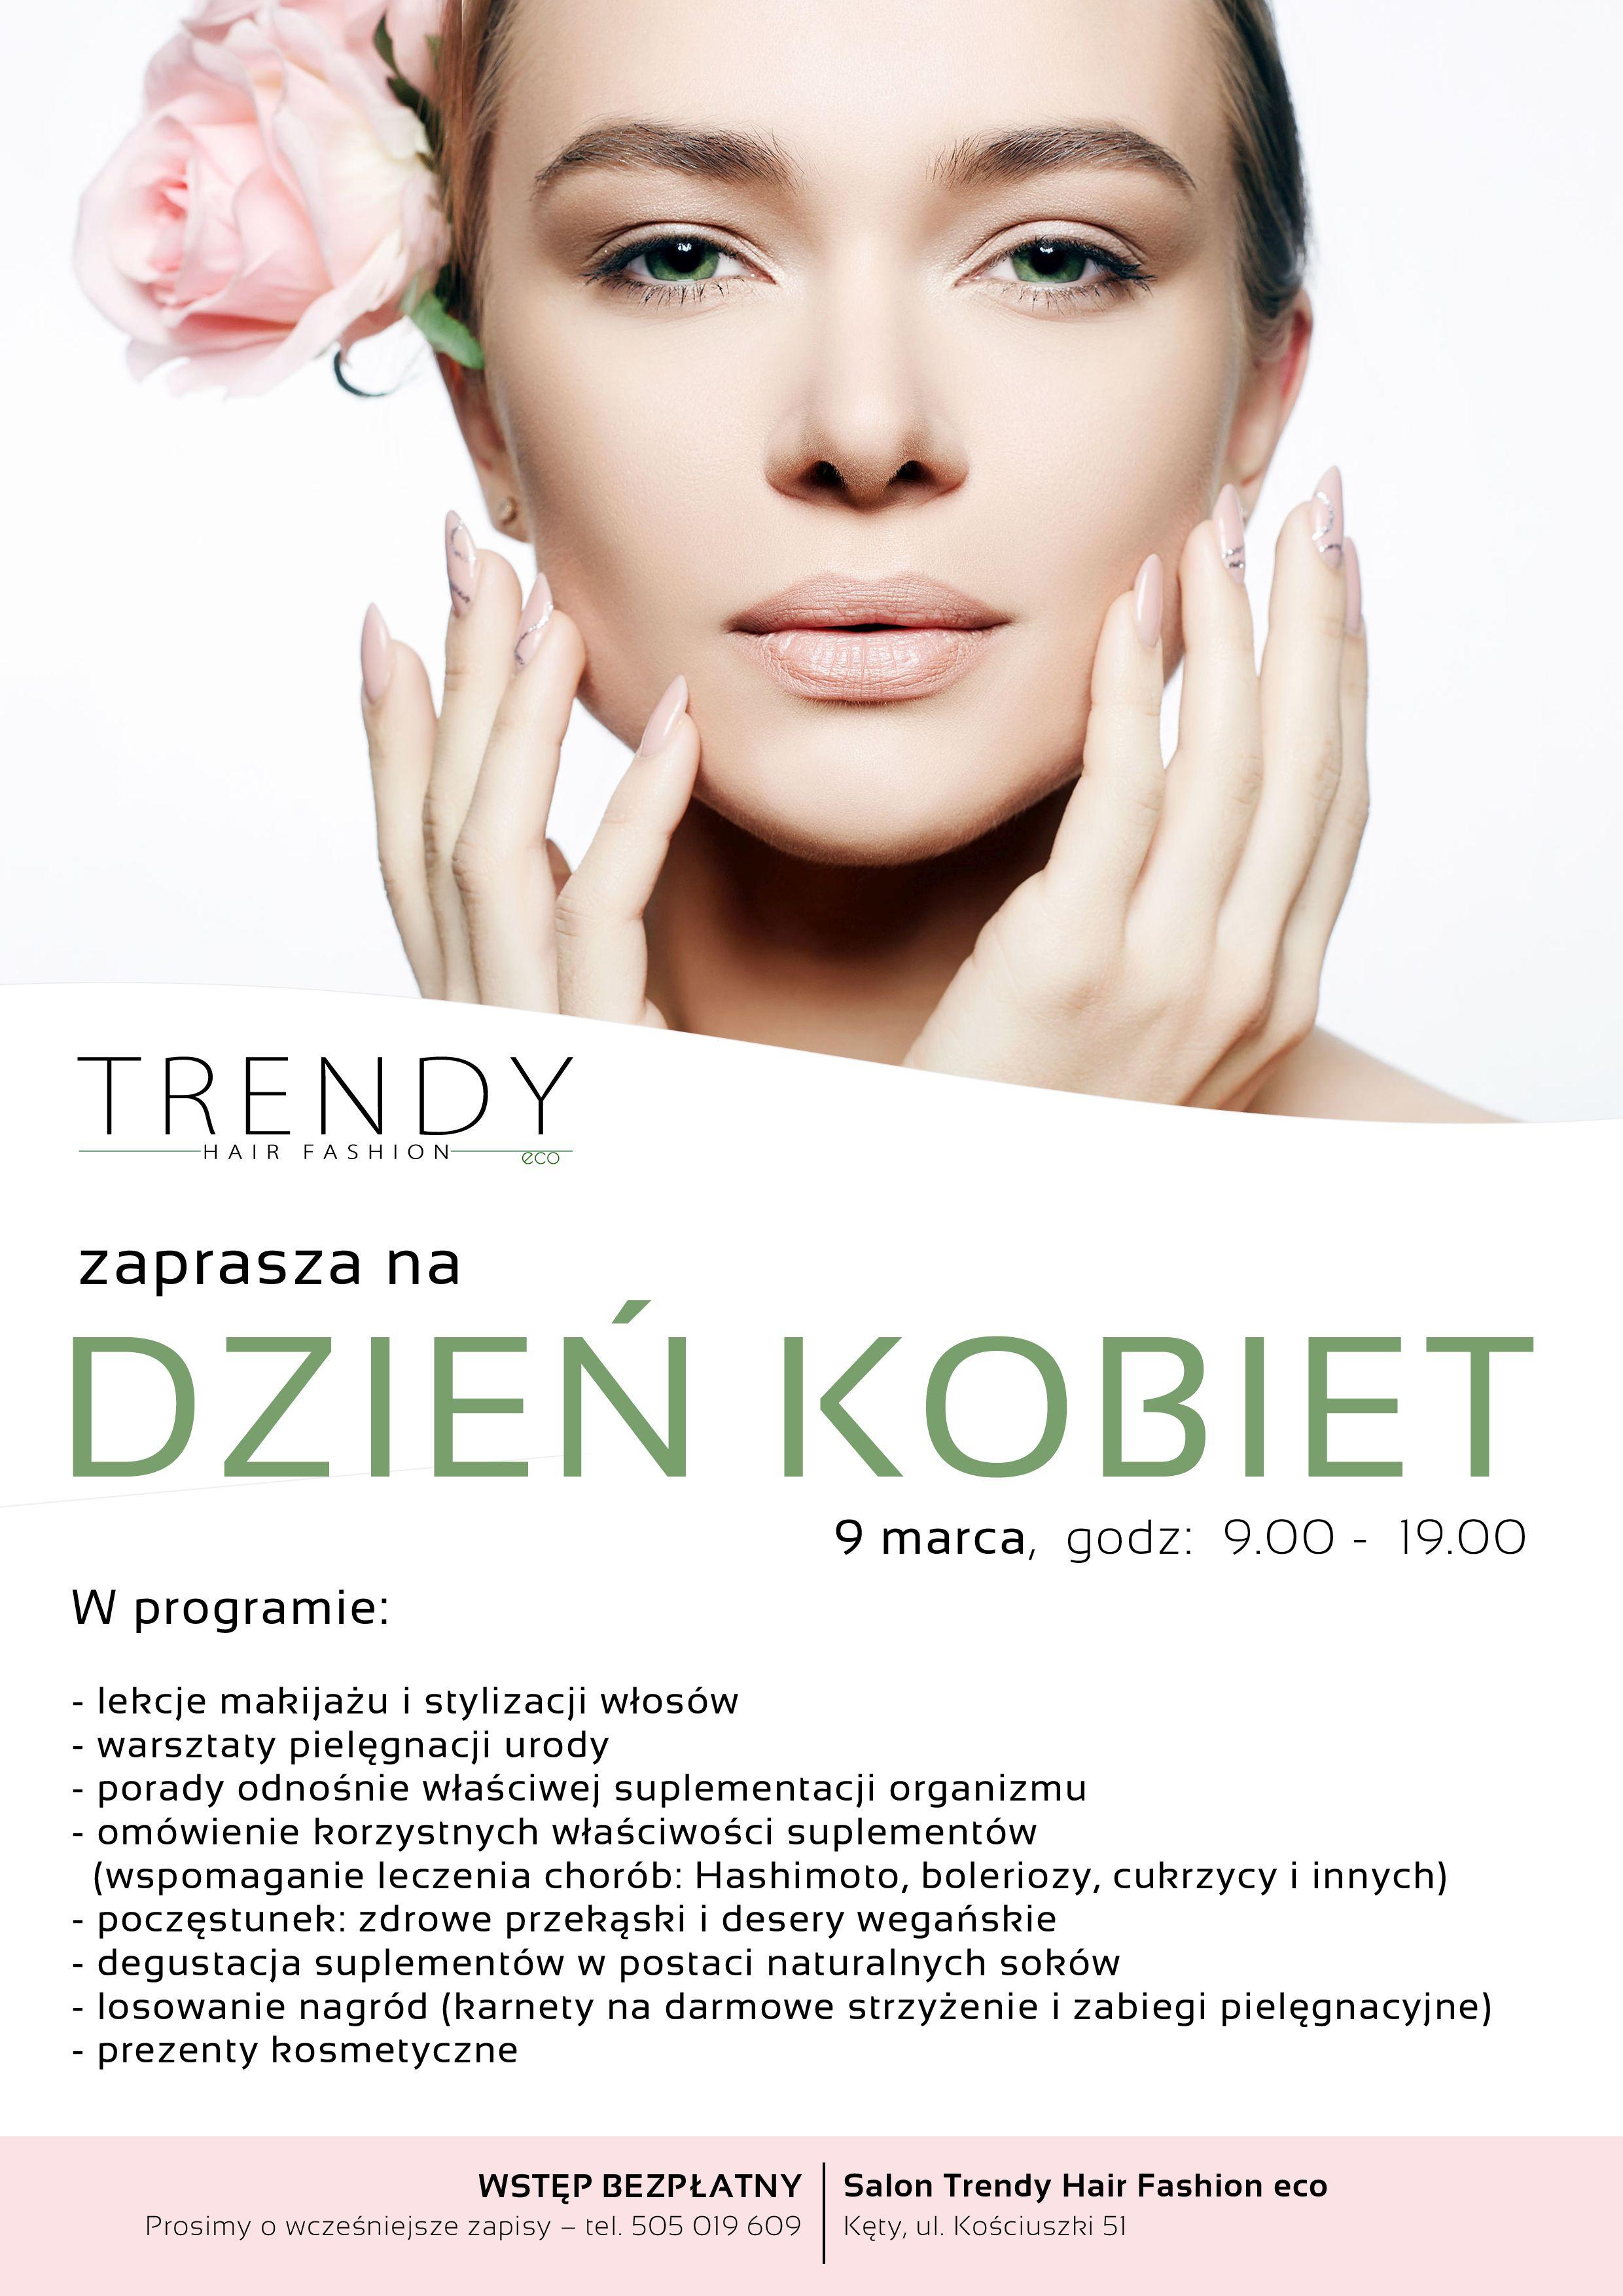 Trendy Hair Fashion eco w Kętach. KONKURS